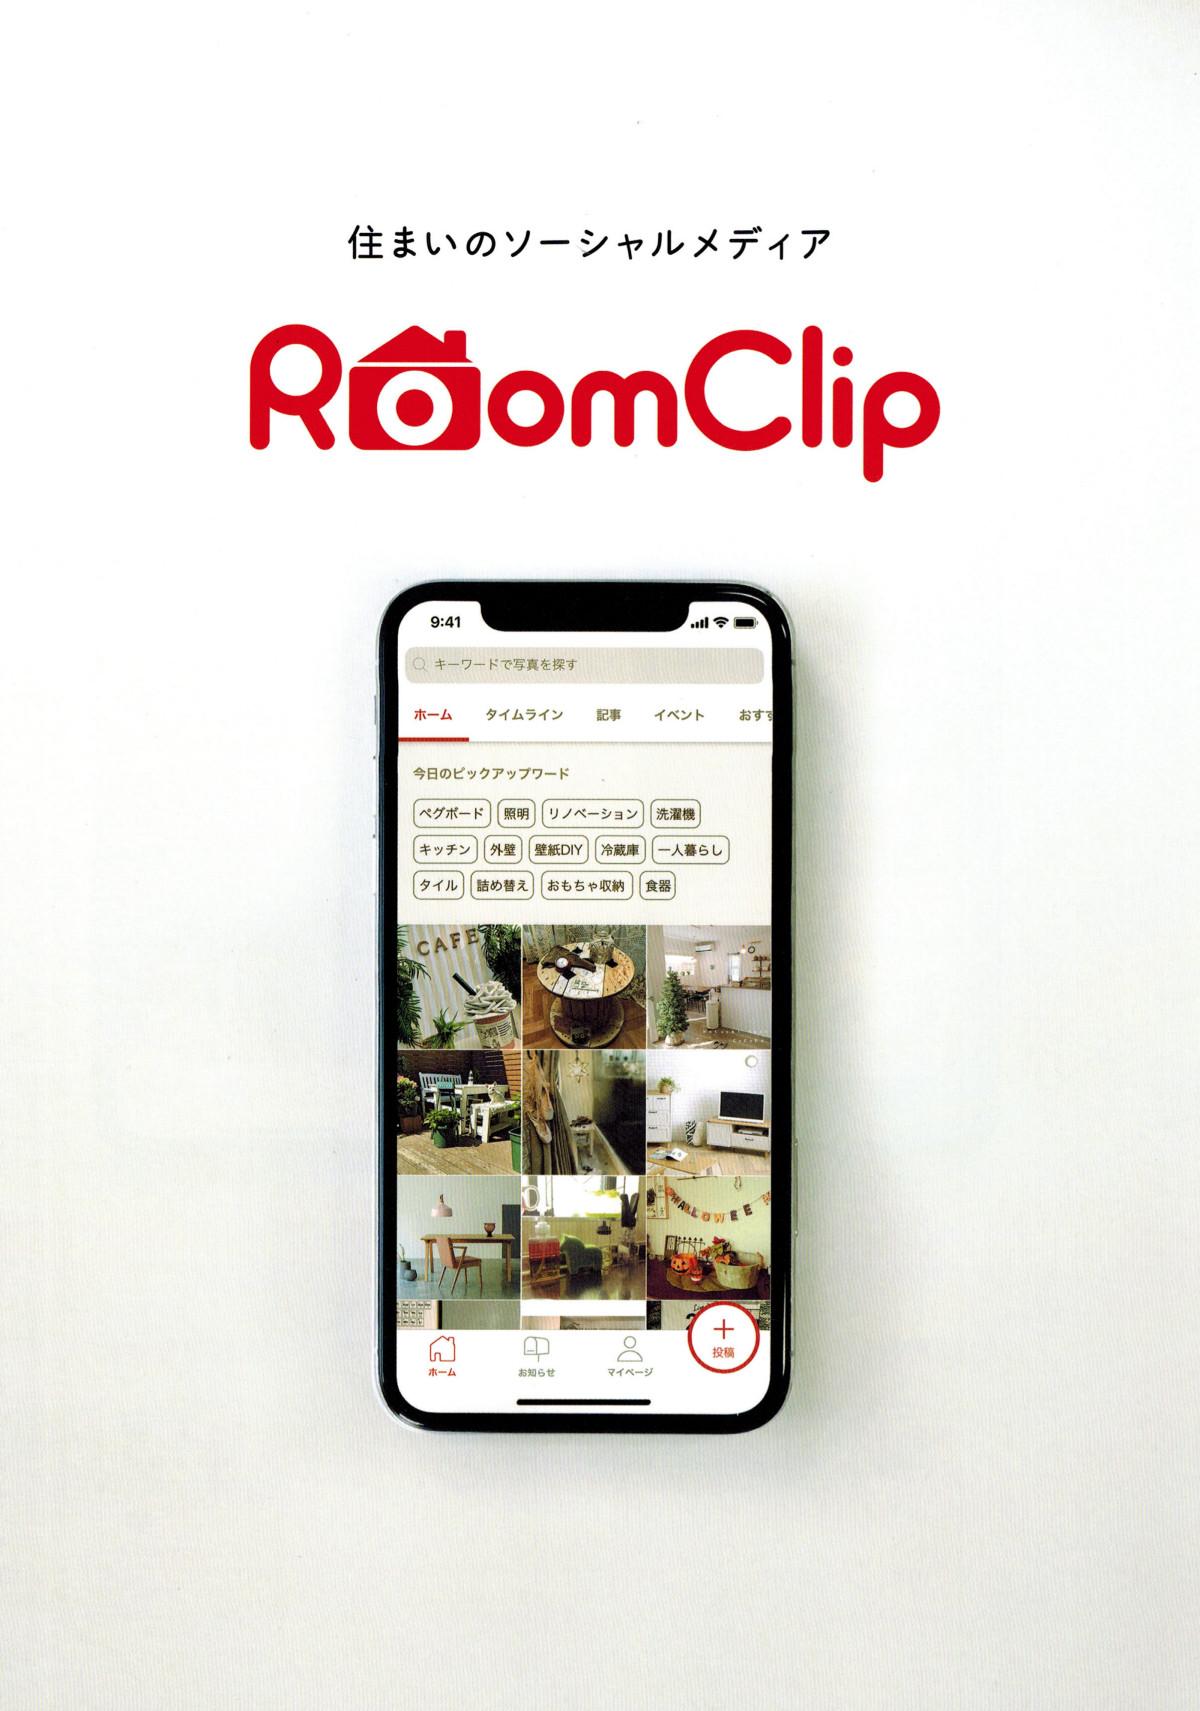 インテリア特化型写真共有SNS(RoomClip)